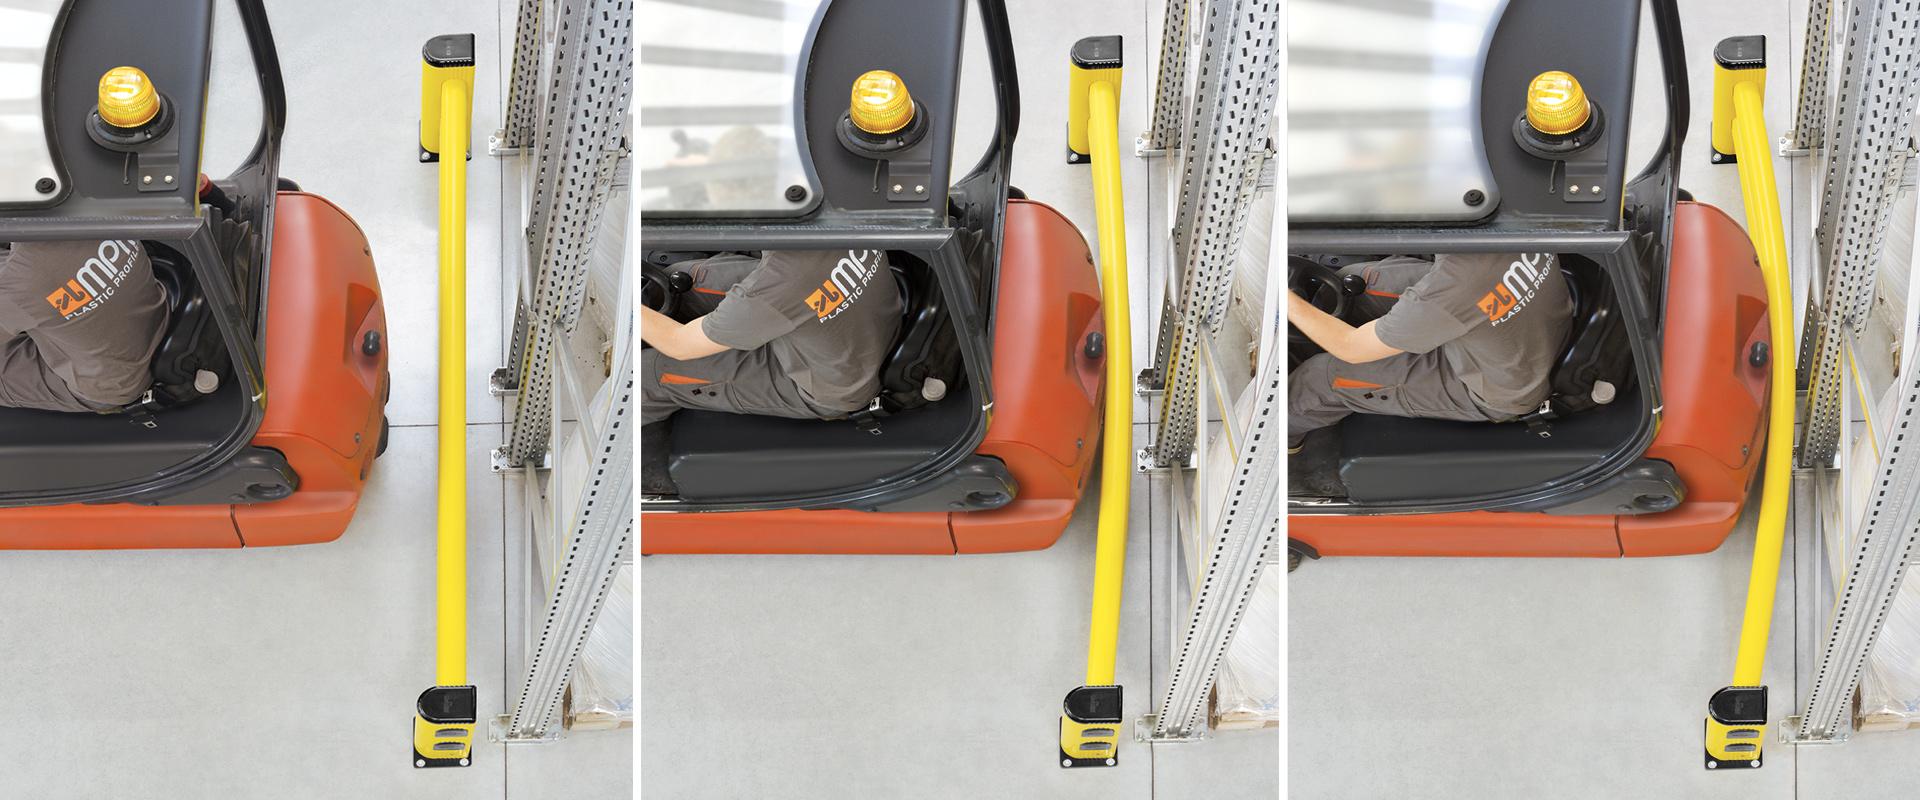 guard rail muletto in pvc